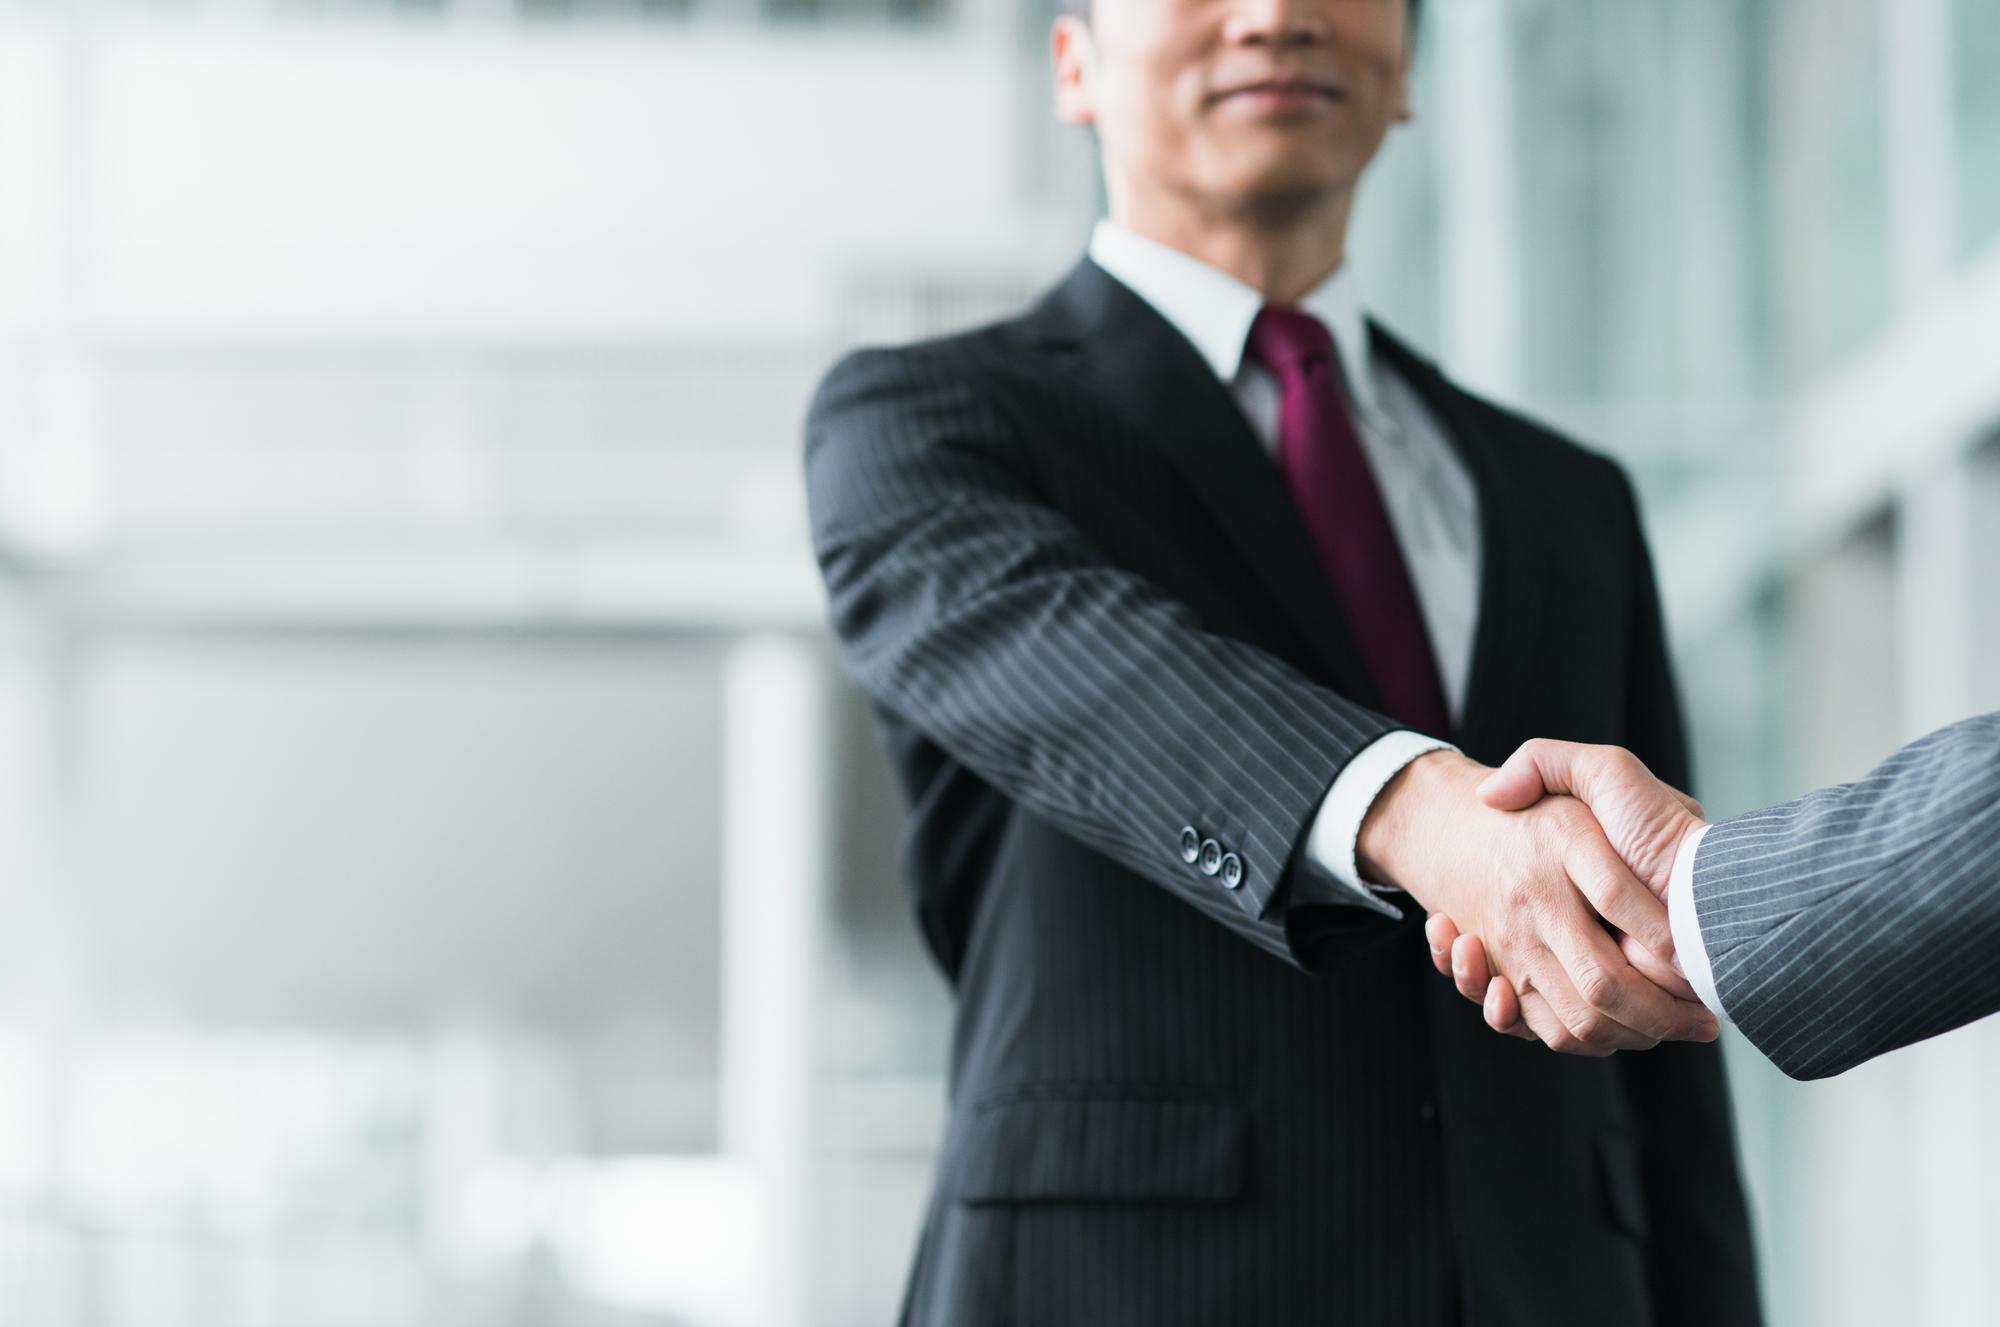 中小企業の後継者問題を解消する事業承継やM&Aの有用性を解説